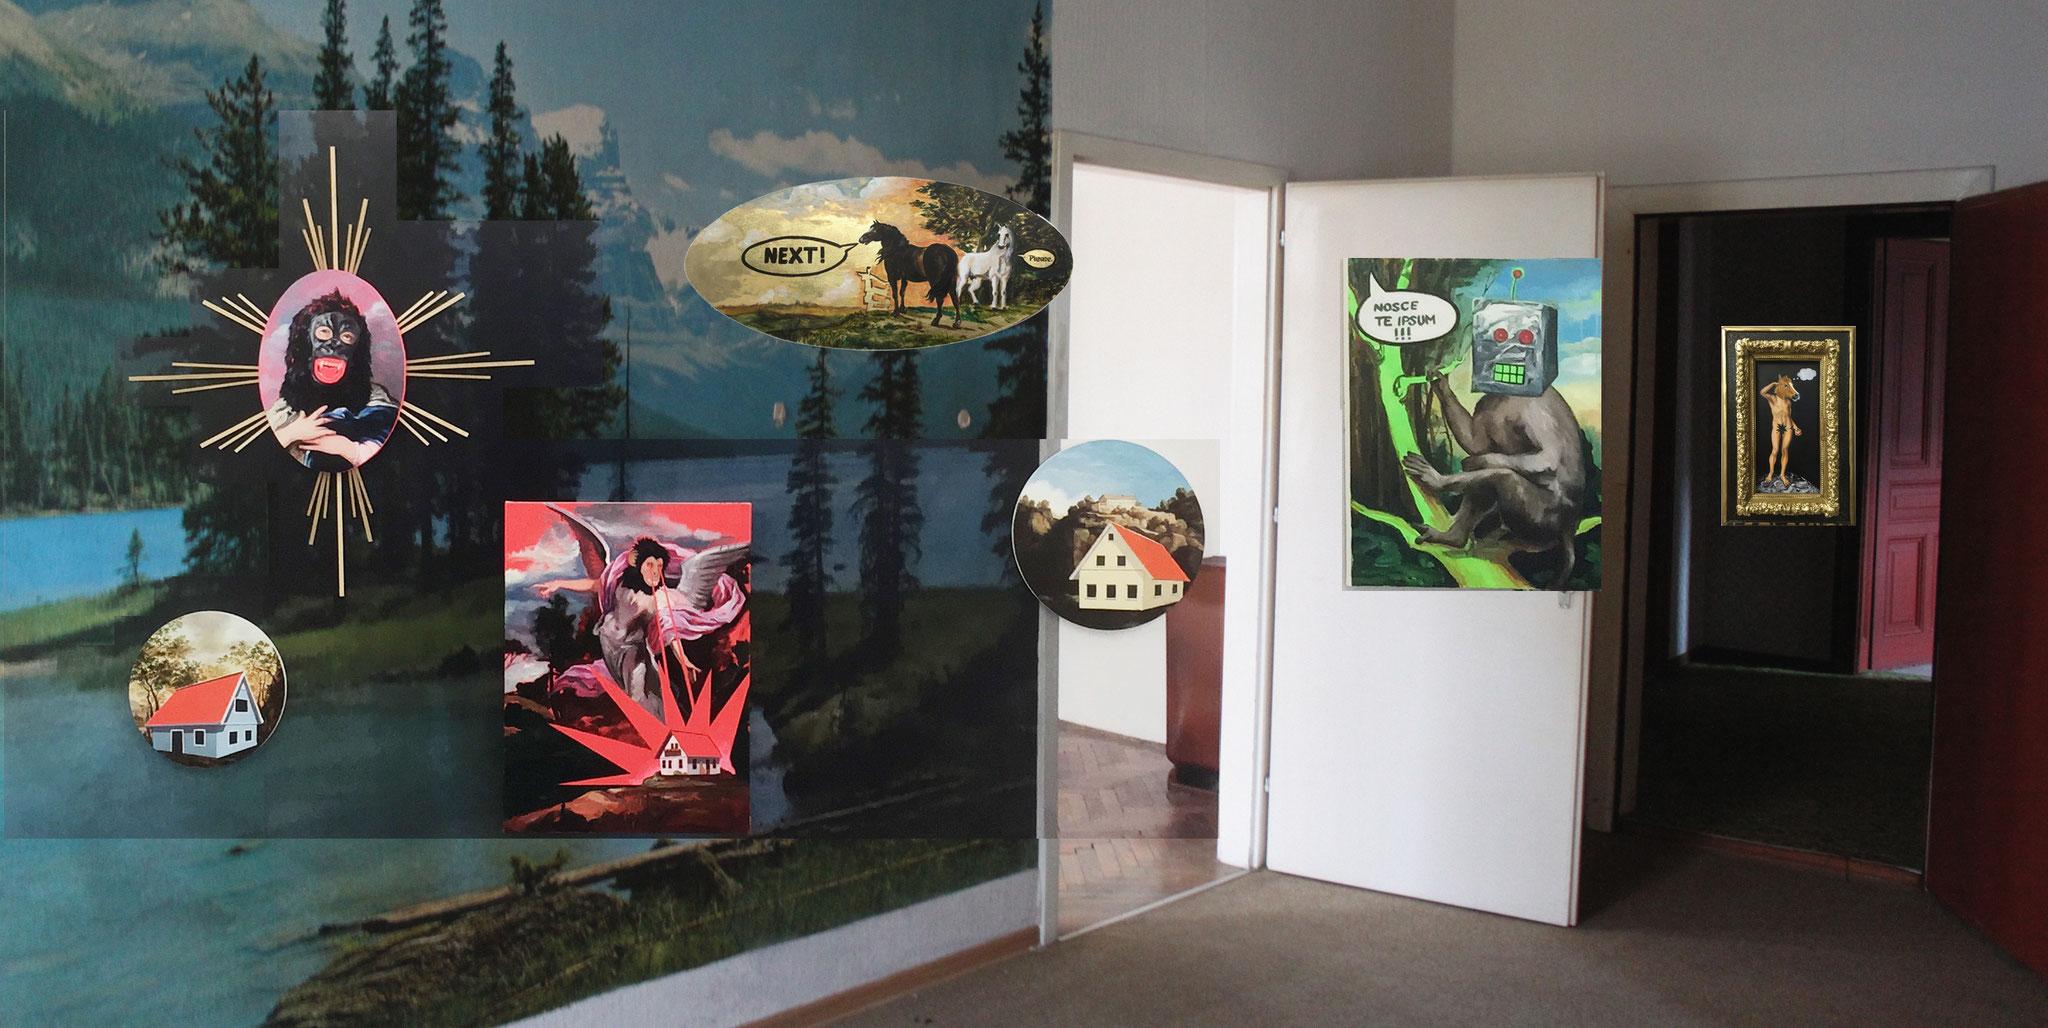 Ausstellung VOLTA - NEW YORK, Solostand, Katharina Karner, 2015